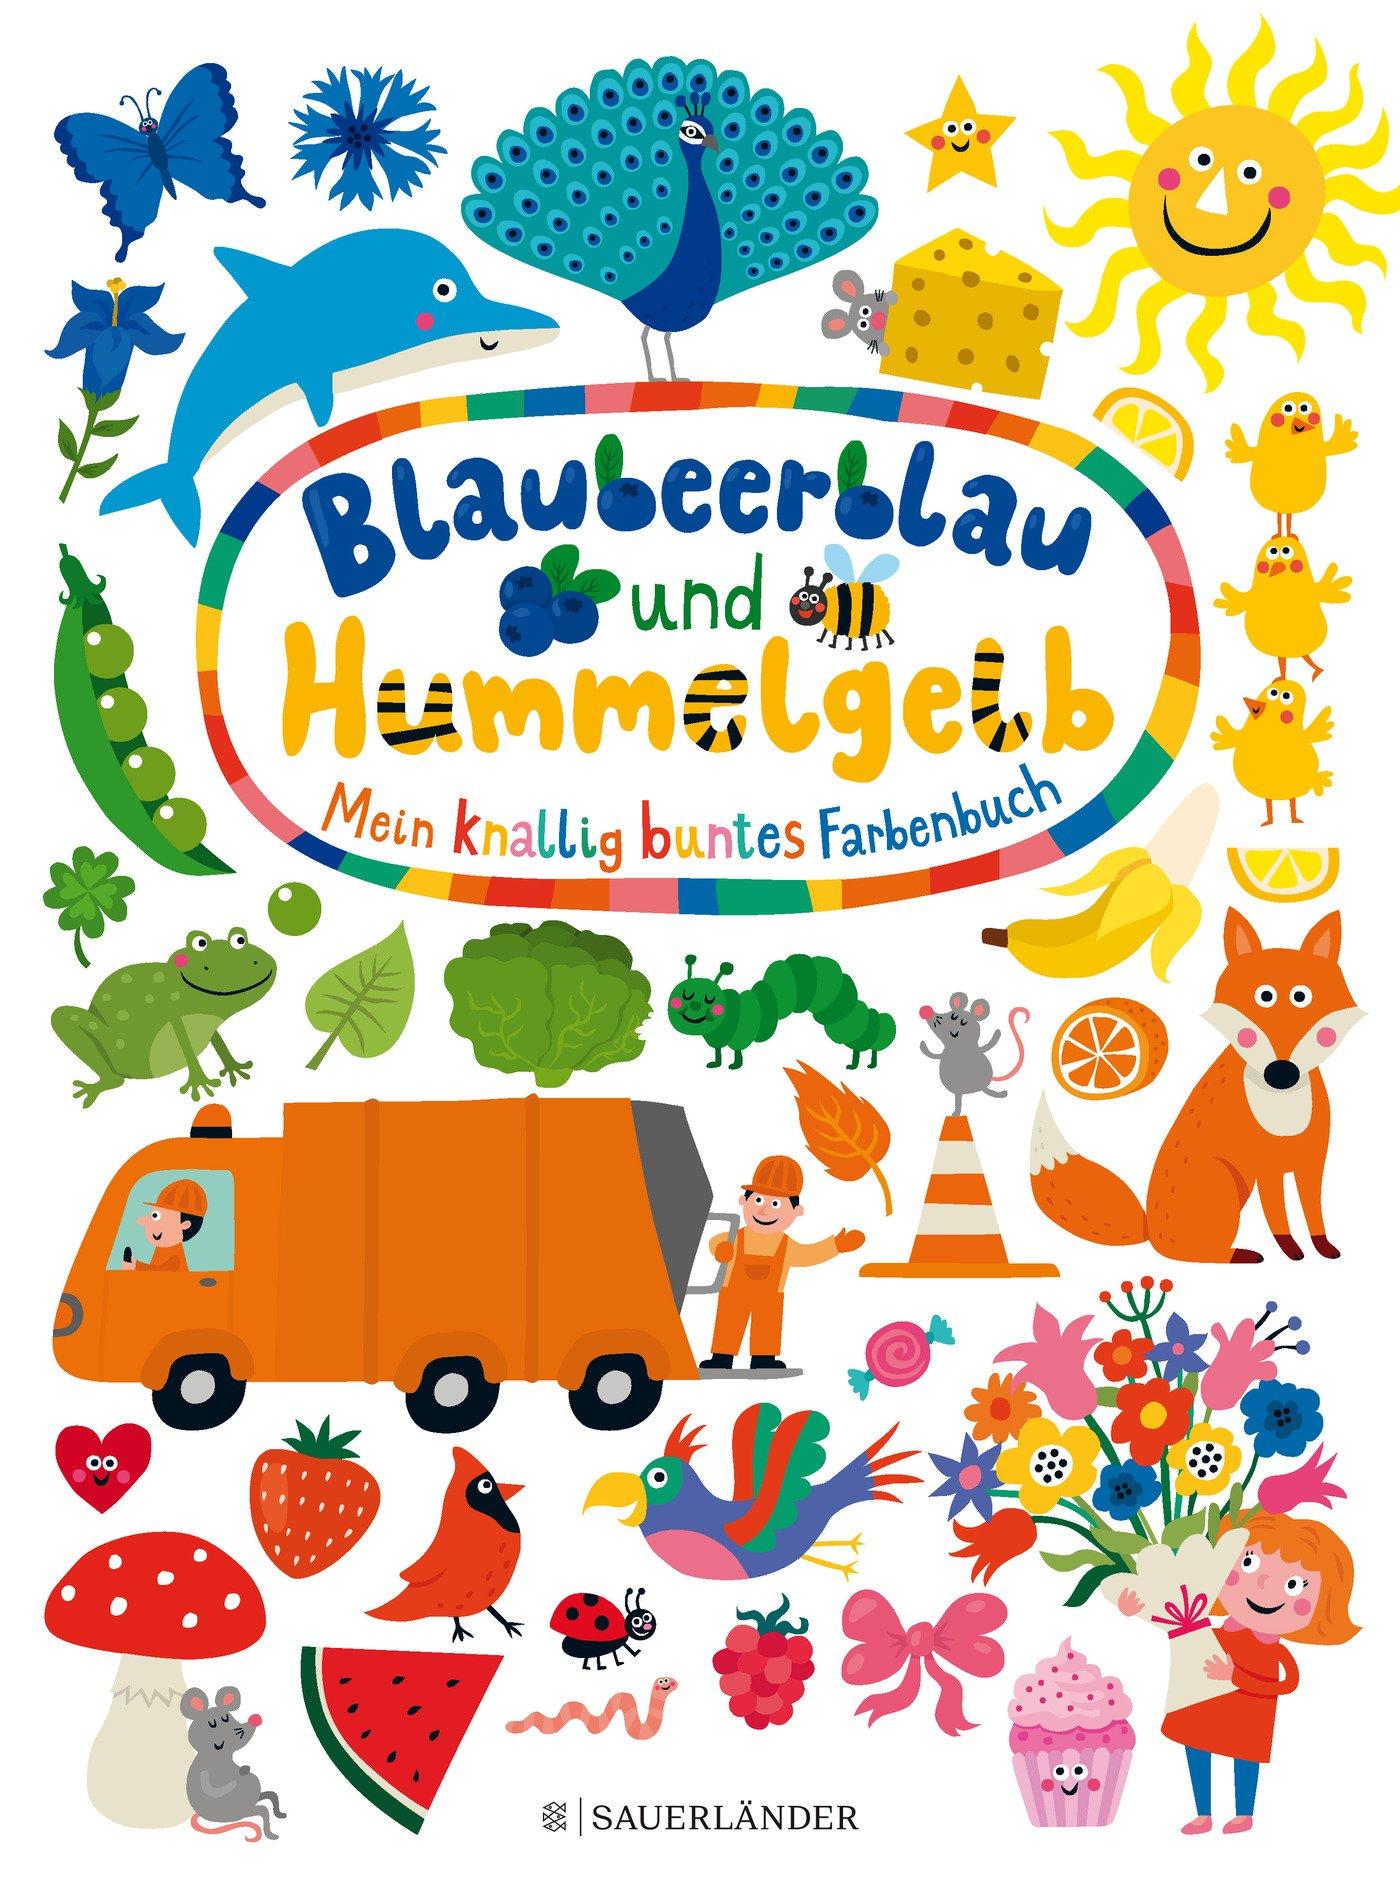 Blaubeerblau und Hummelgelb Mein knallig buntes Farbenbuch